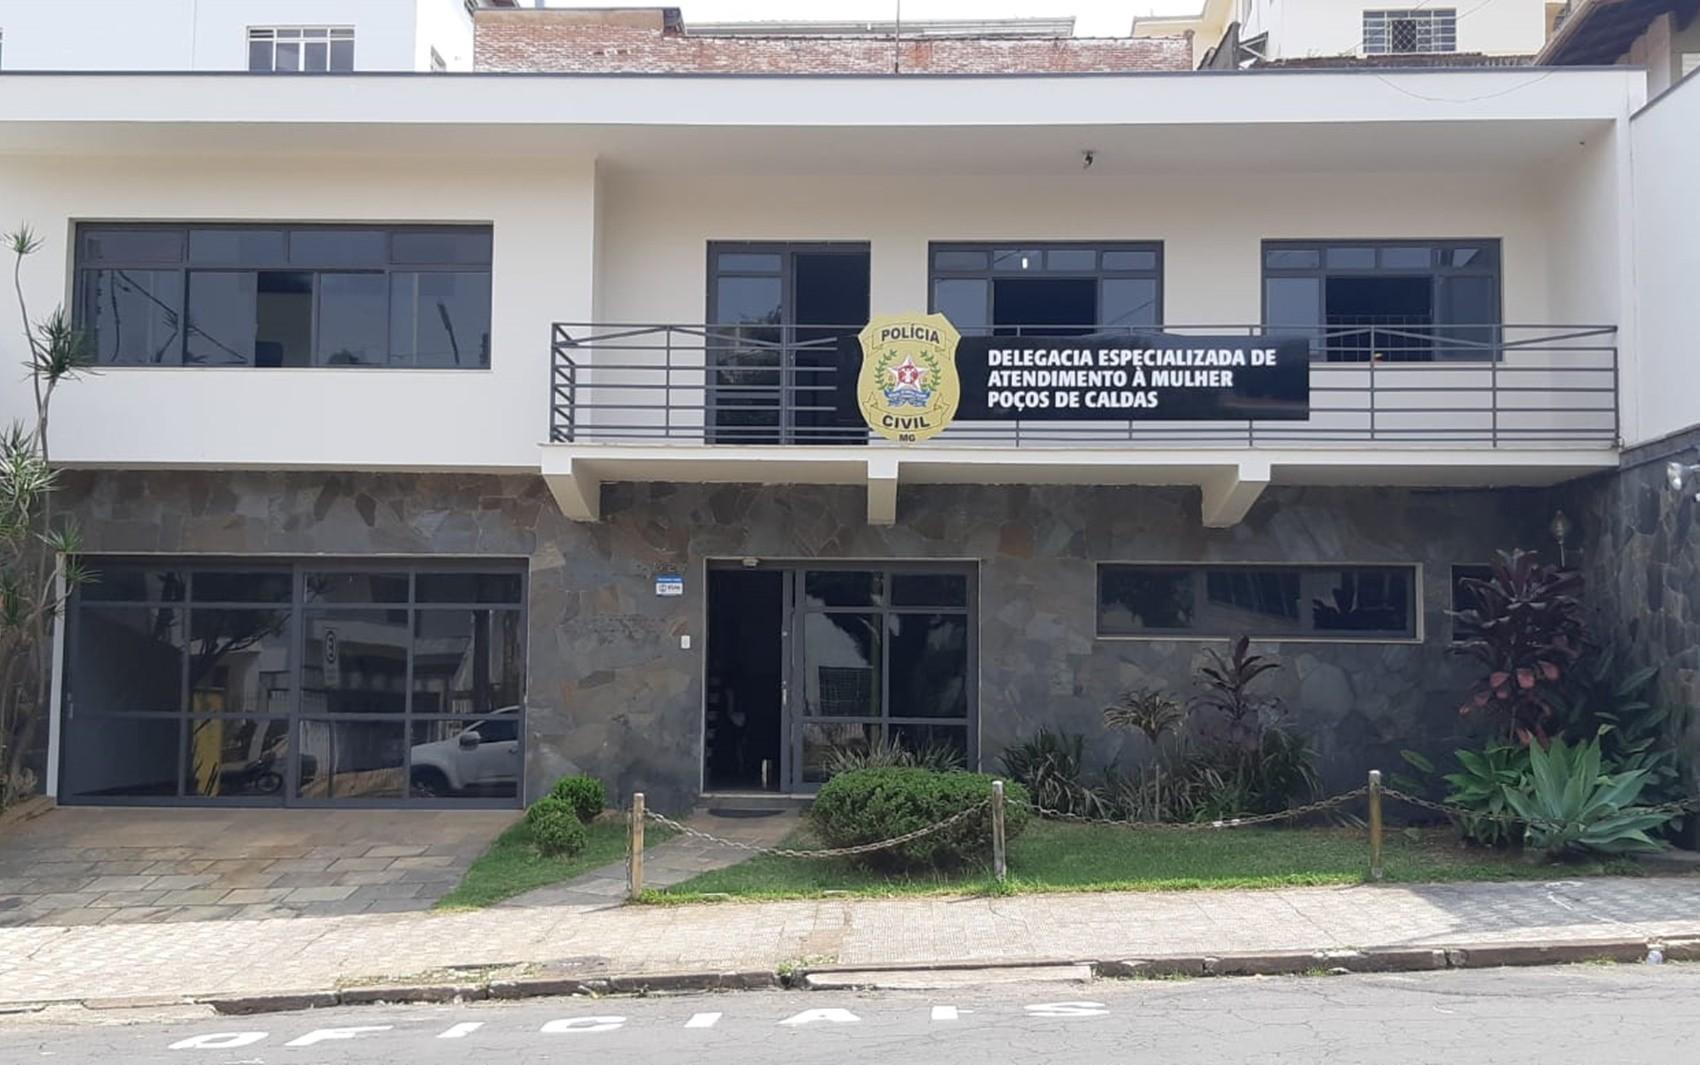 Delegacia Especializada de Atendimento à Mulher é inaugurada em Poços de Caldas, MG